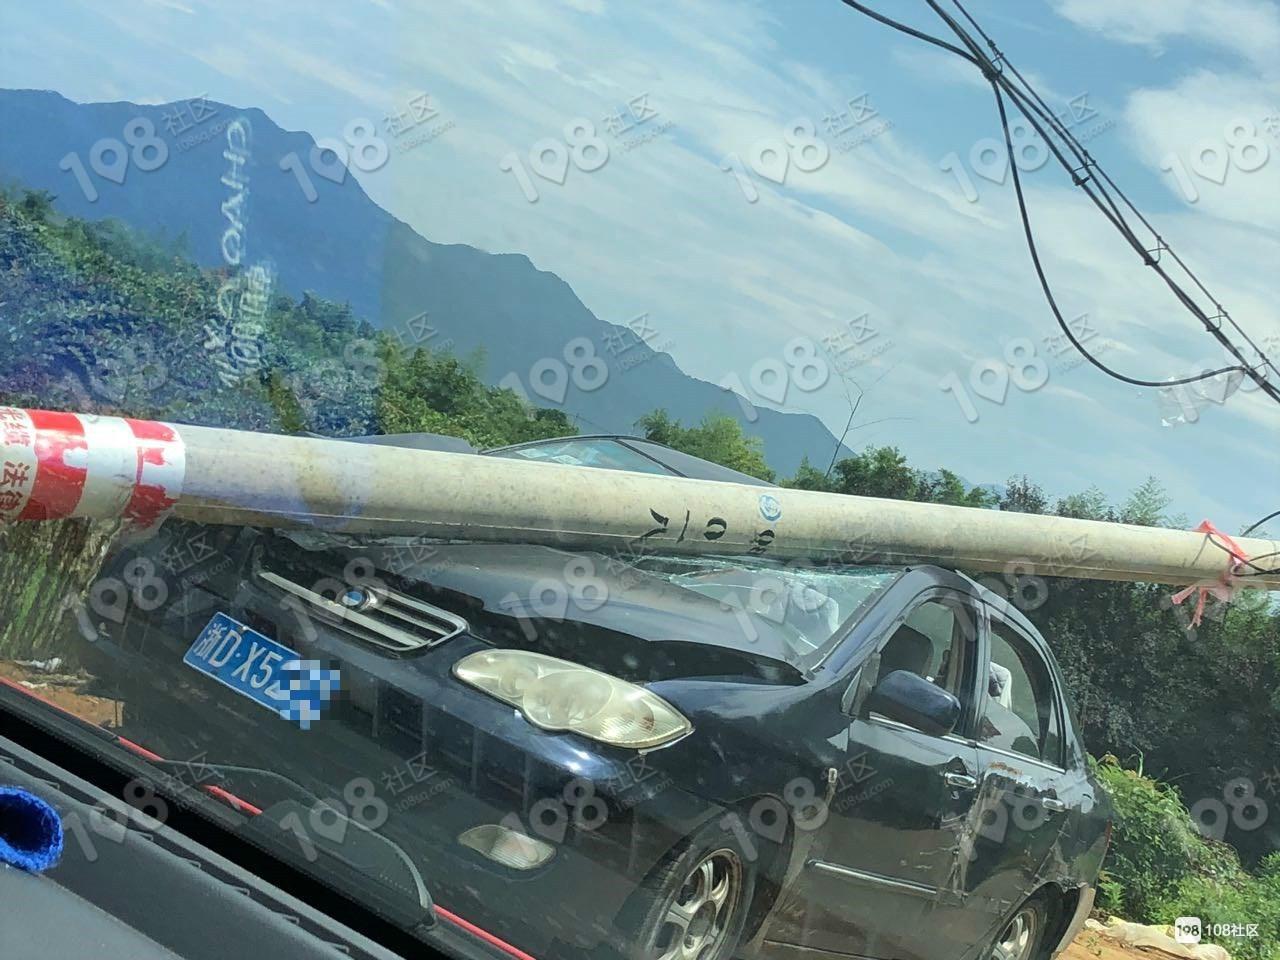 彭顶山高手司机撞断电线杆,汽车被腰斩!要赔好几万